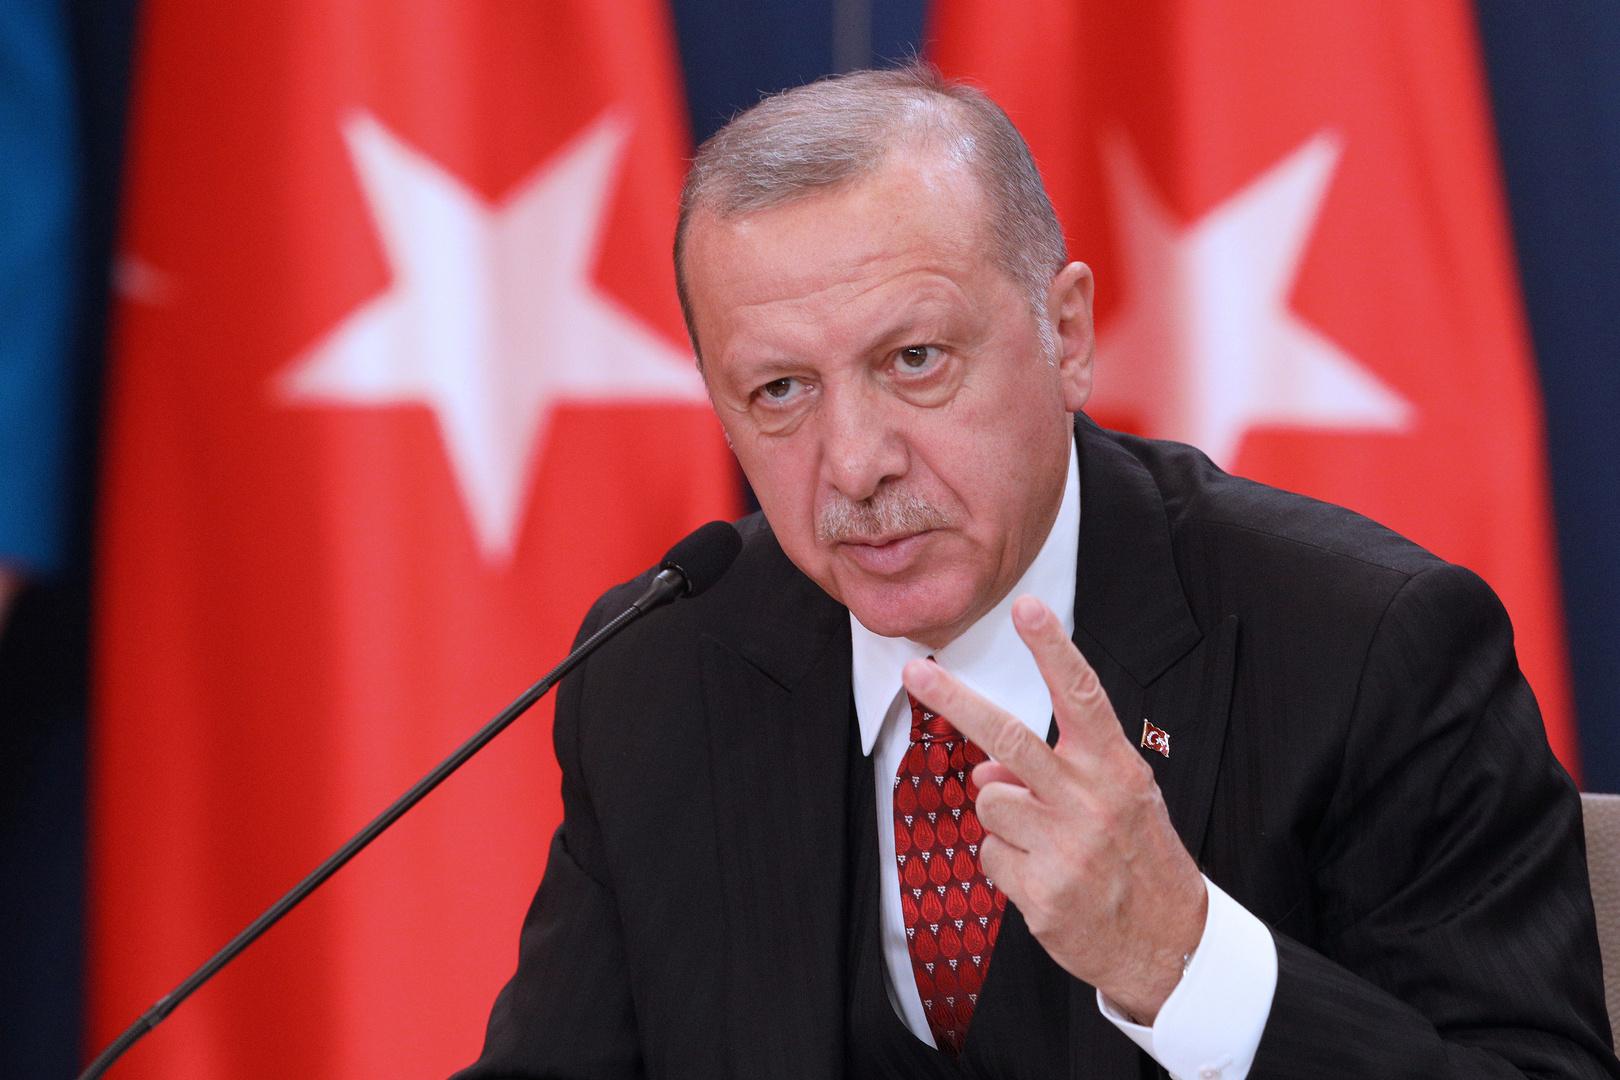 أردوغان معلقا على اتفاق وقف إطلاق النار في ليبيا: ضعيف المصداقية